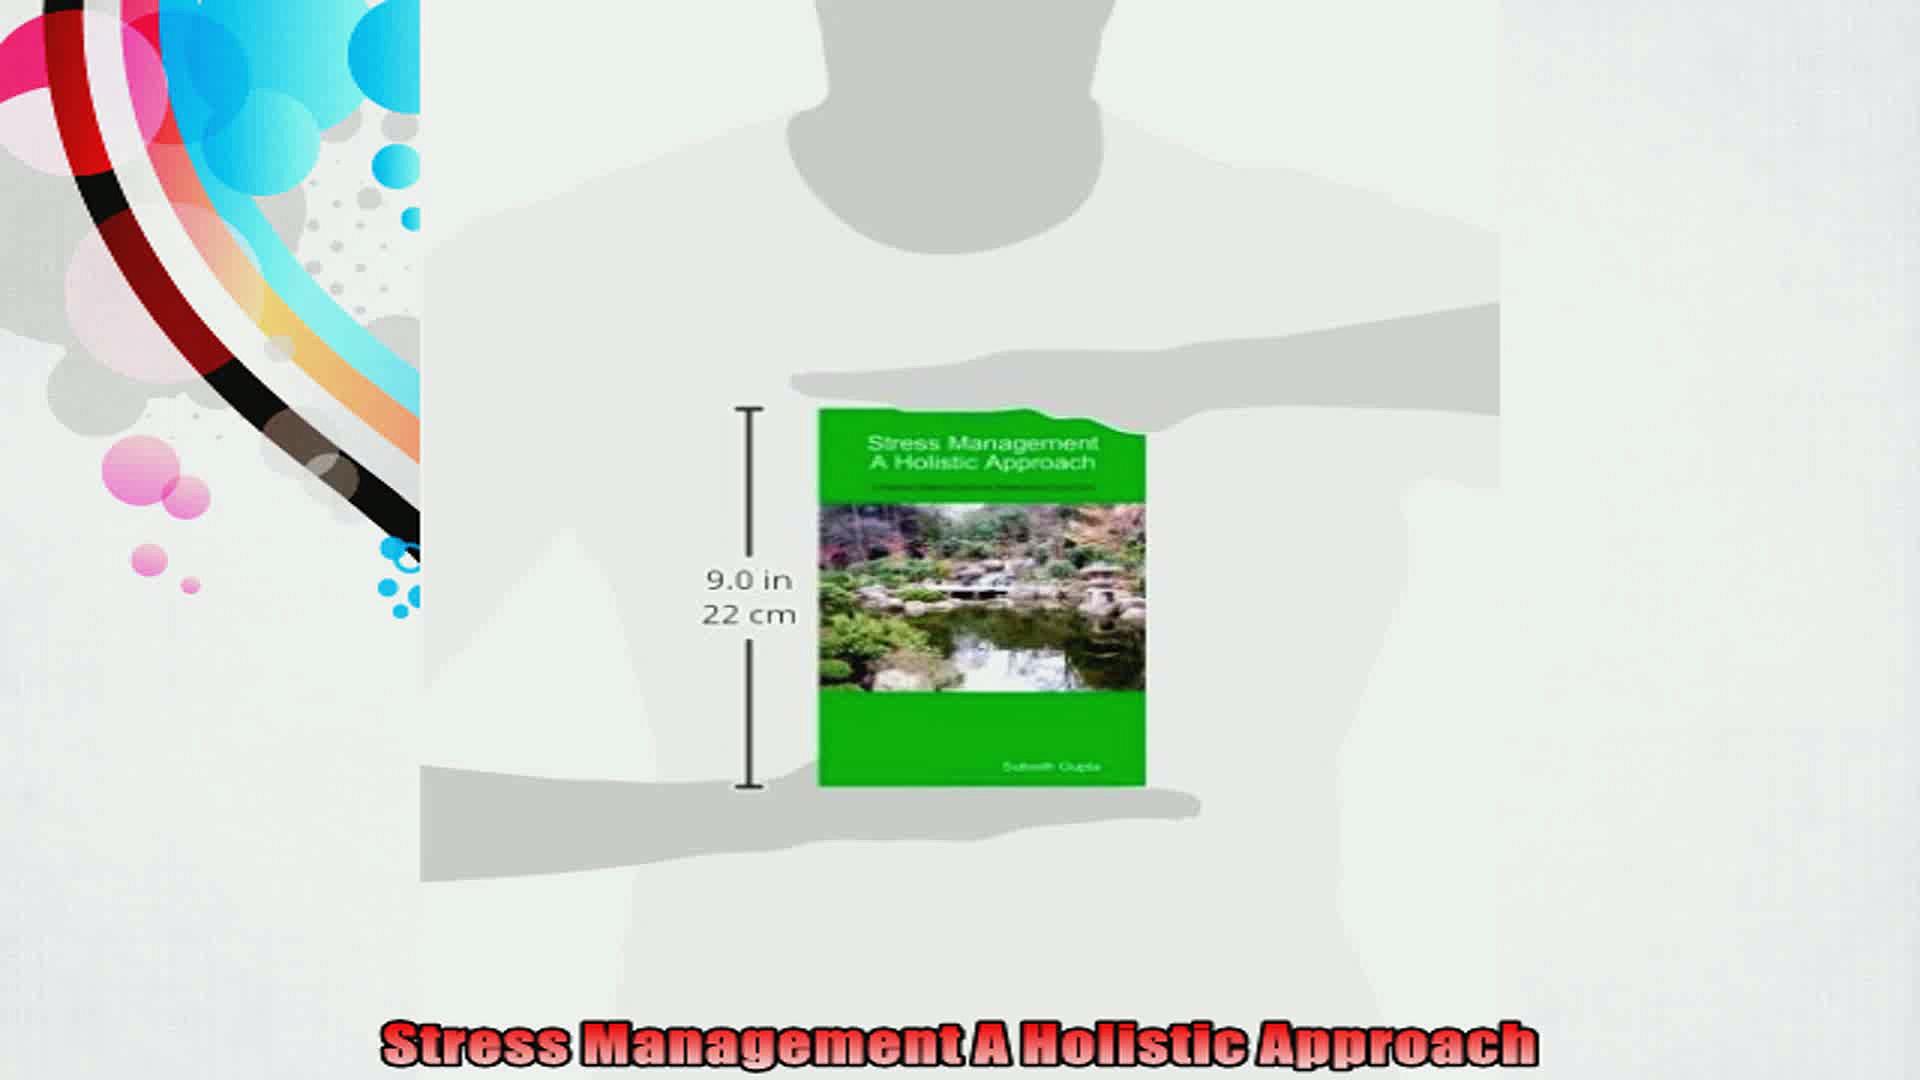 Stress Management A Holistic Approach